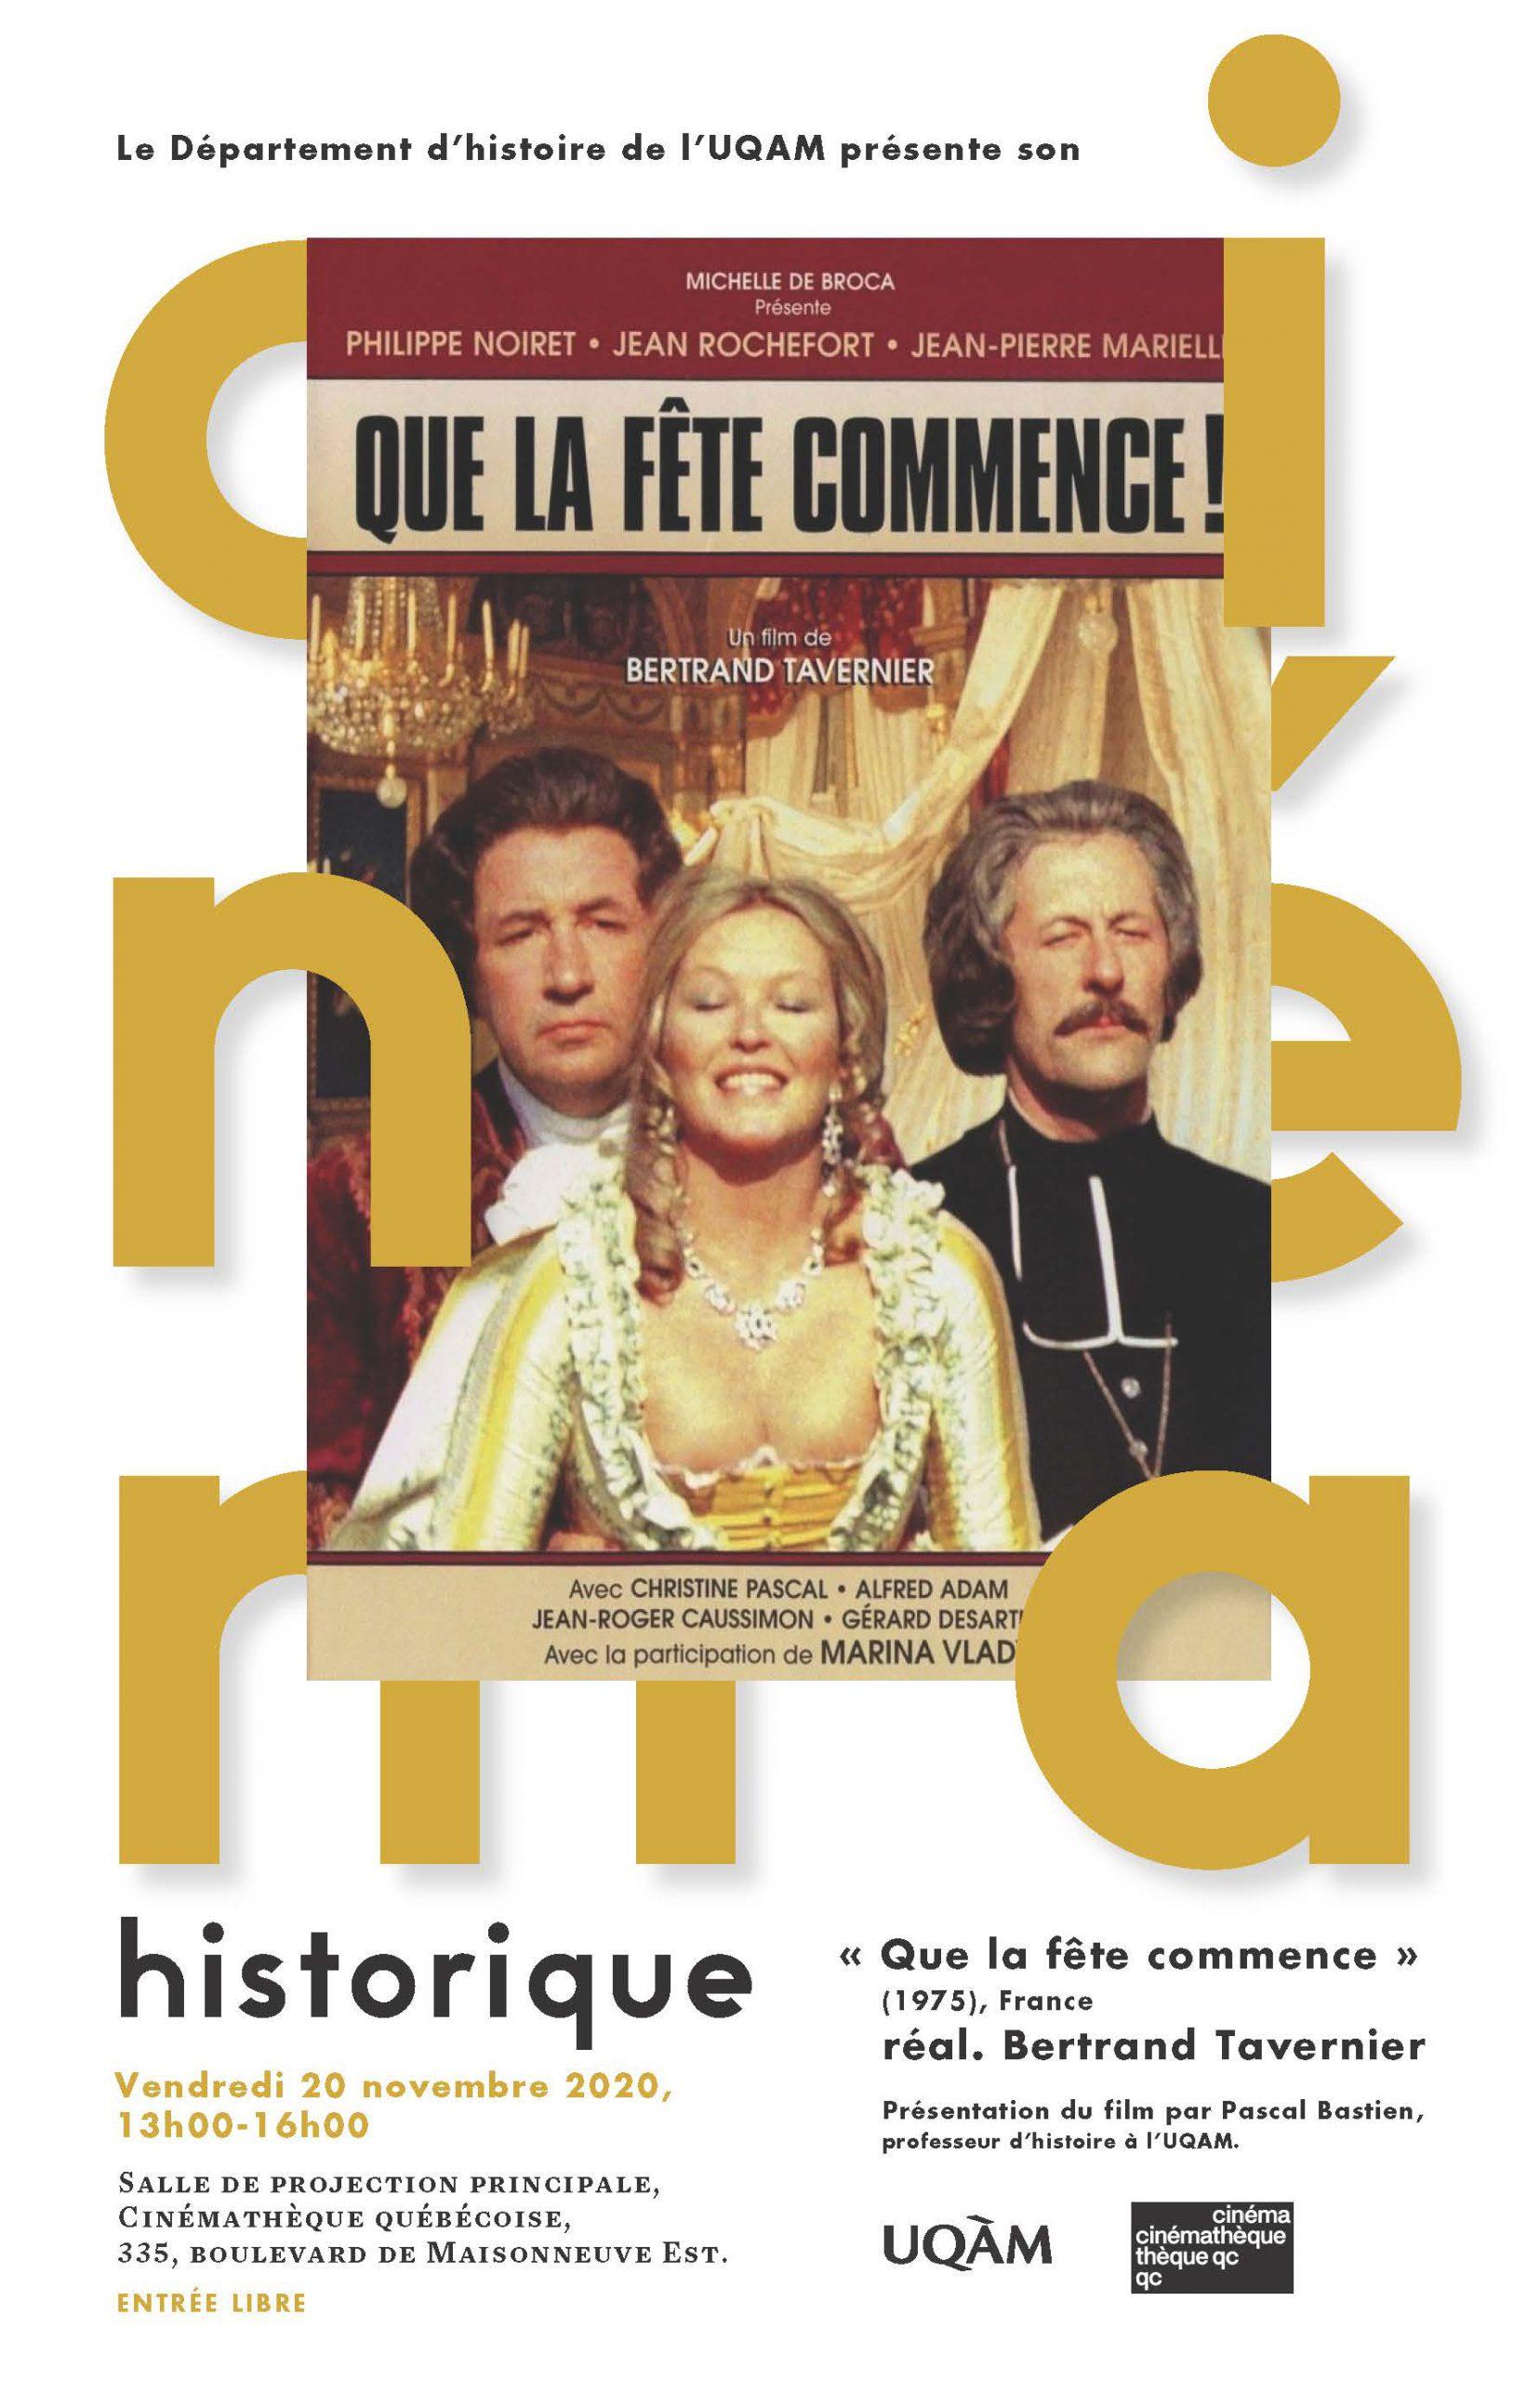 Affiche_Cinema_historique_FeteCommence_01